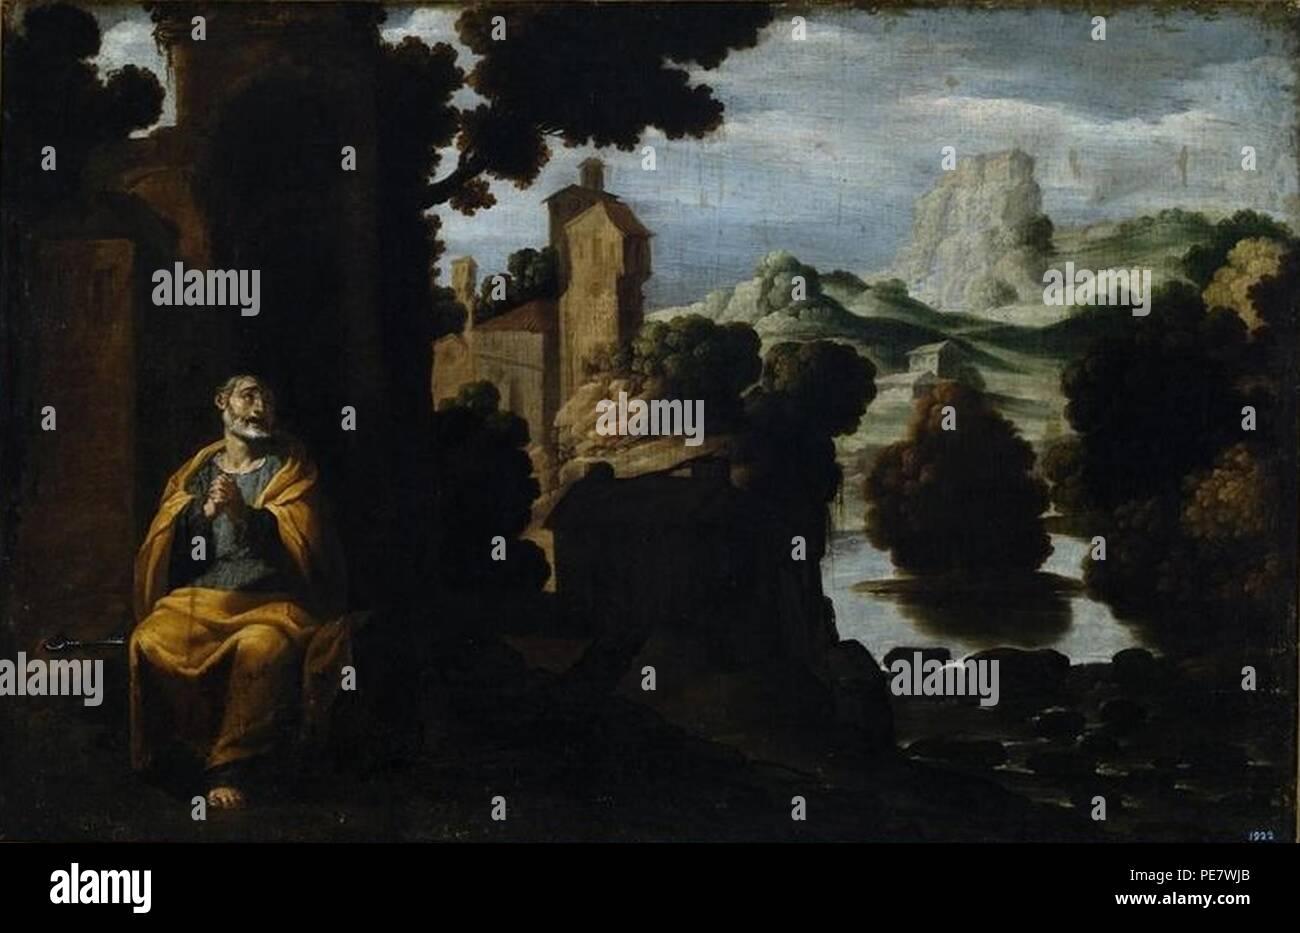 Arrepentimiento de San Pedro de Francisco Collantes (Museo de Bellas Artes de La Coruña). - Stock Image